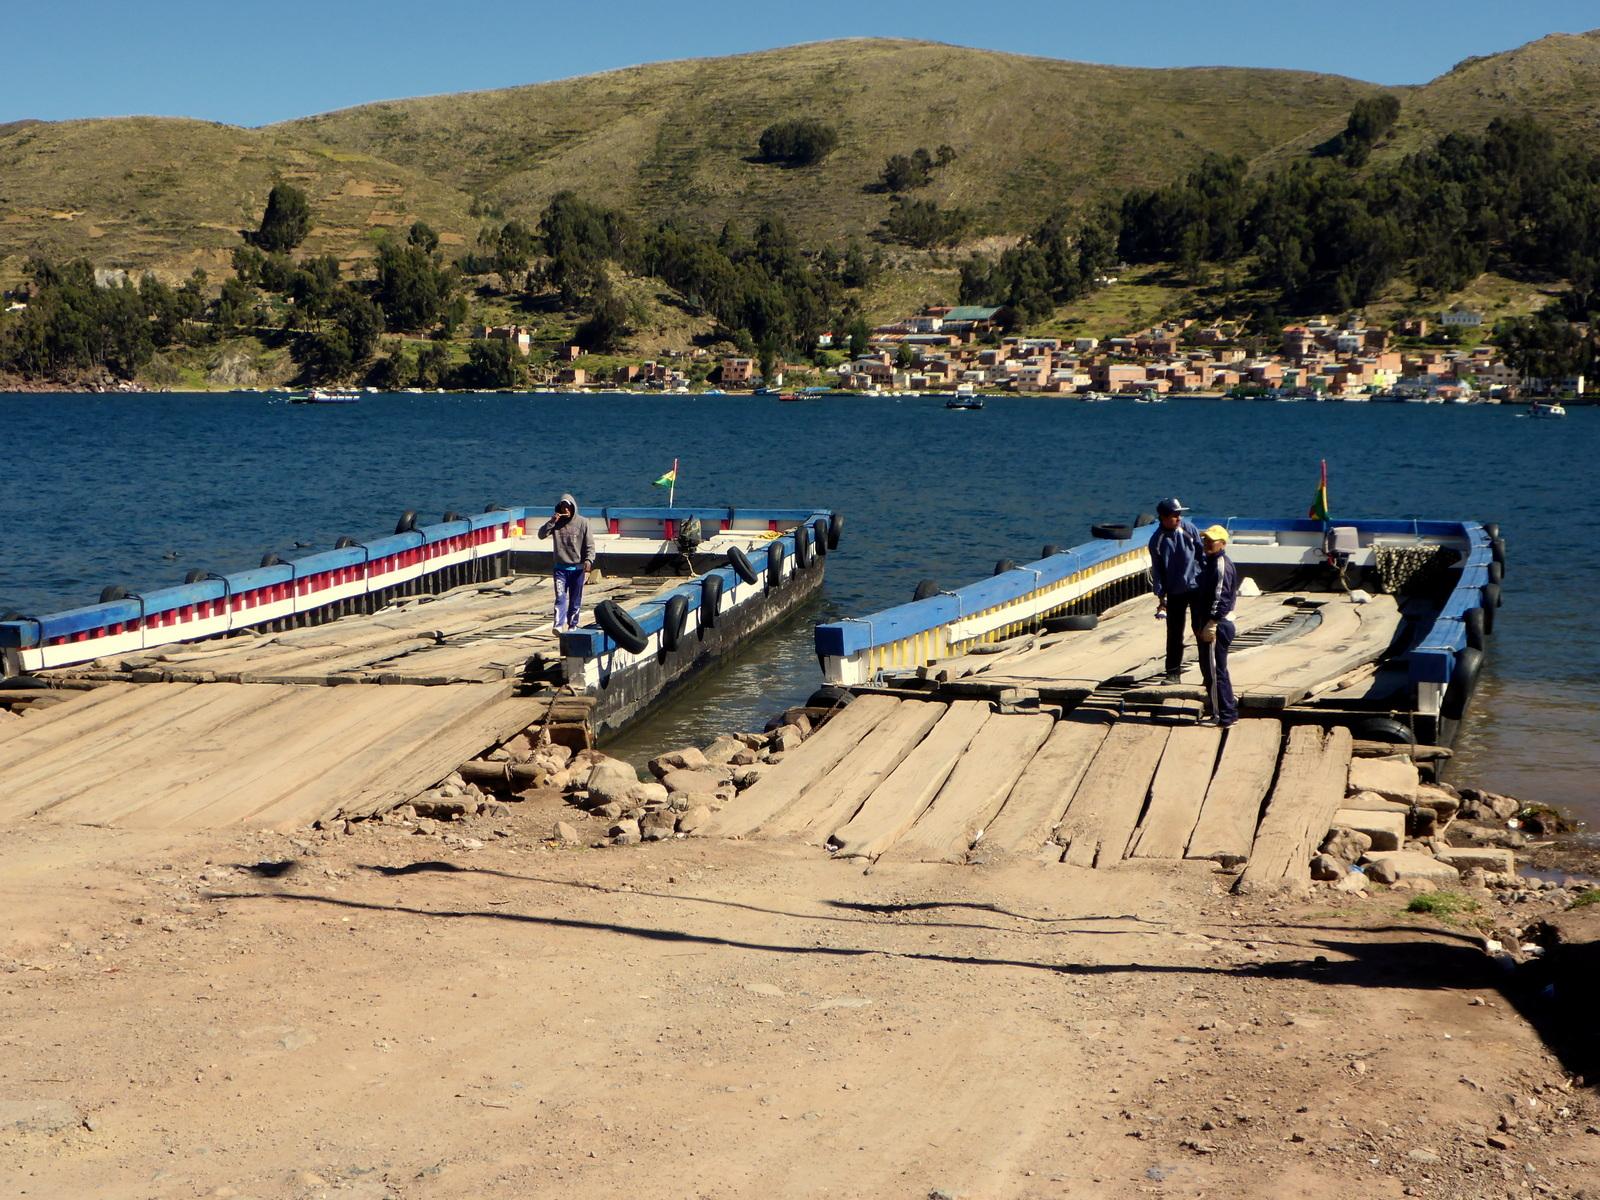 Überfahrt mit der Autofähre ans andere Ufer des Titicacasees